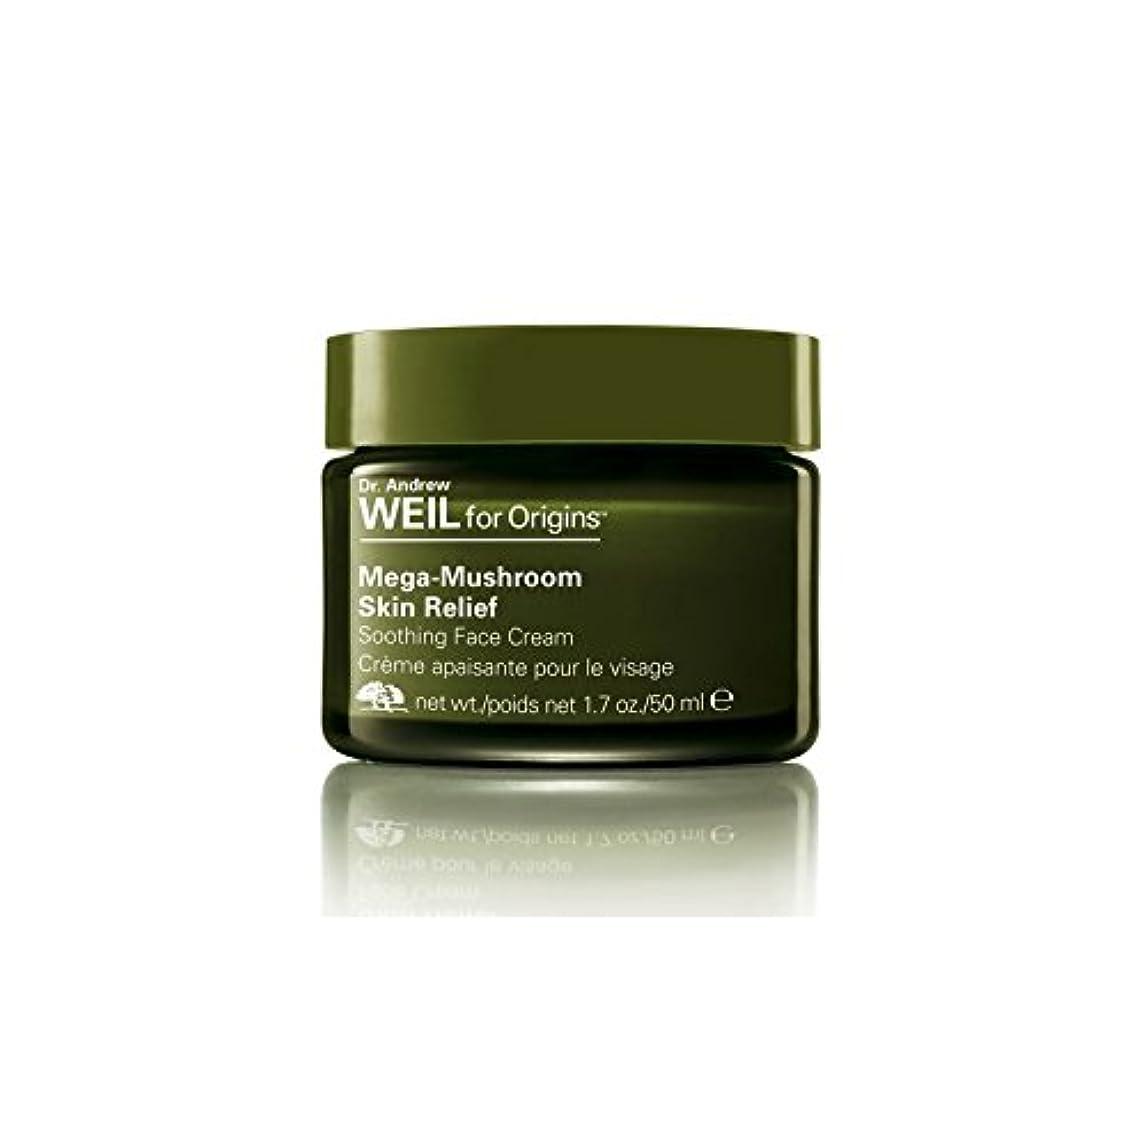 速記受取人避けられないOrigins Dr. Andrew Weil For Origins Mega-Mushroom Skin Relief Soothing Face Cream 50ml - 起源アンドルー?ワイル起源メガキノコ皮膚緩和なだめるような顔クリーム50ミリリットルのために [並行輸入品]